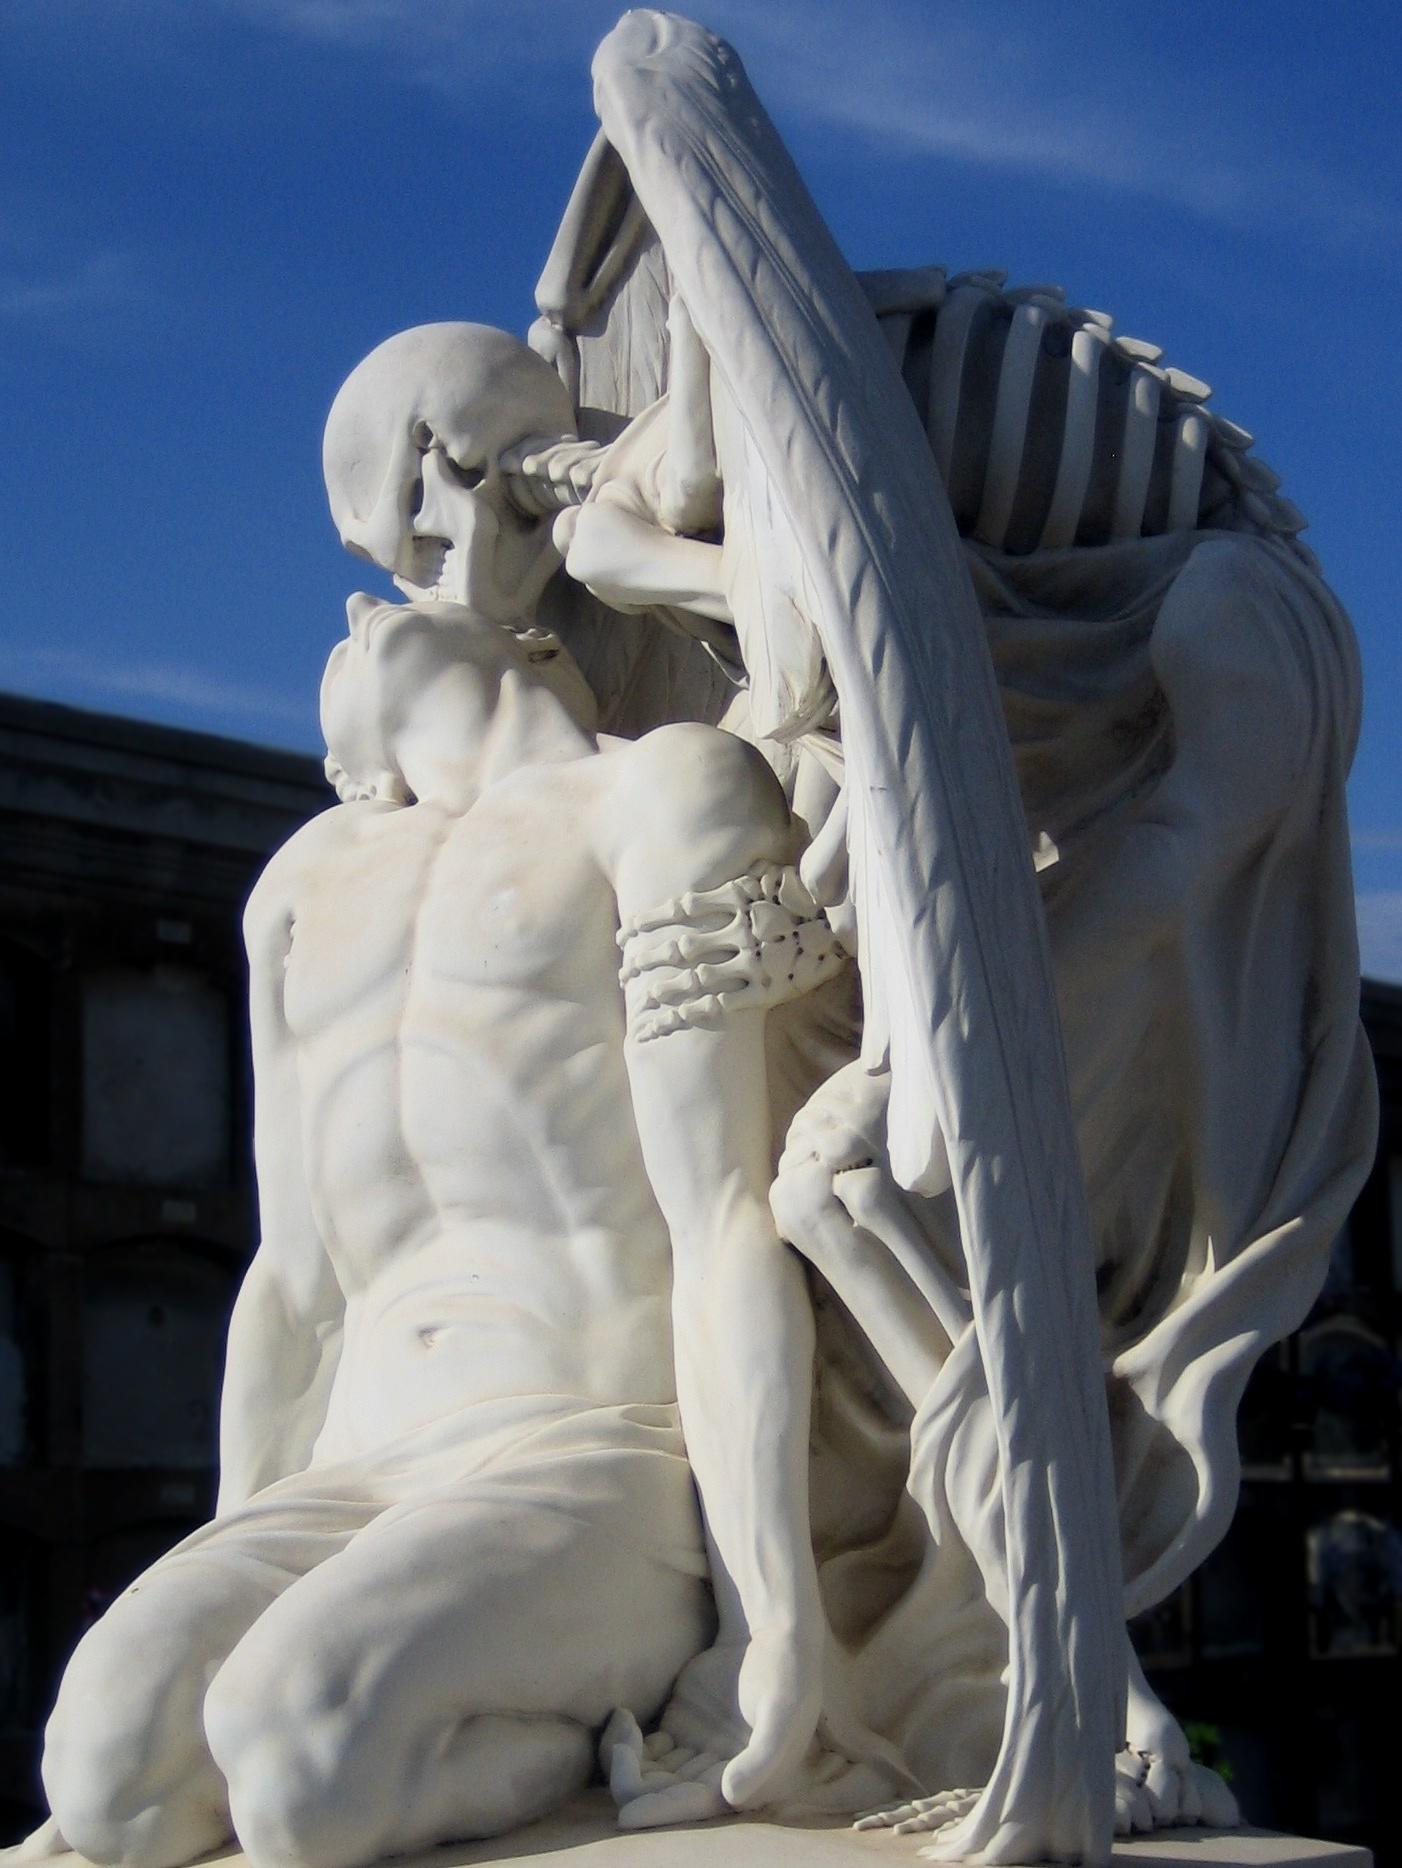 Esas esculturas que entusiasman 450006129_6121f6e156_o